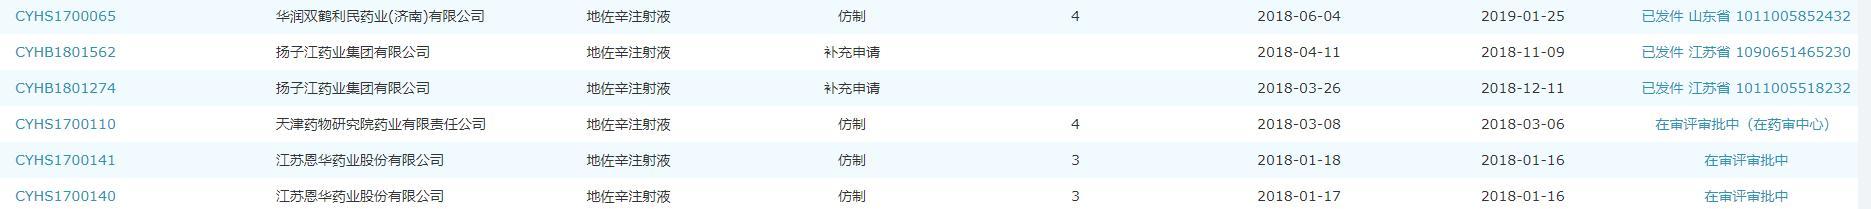 """地佐辛被""""炮轰"""":恩华药业称有用 上海医药无产品在销"""